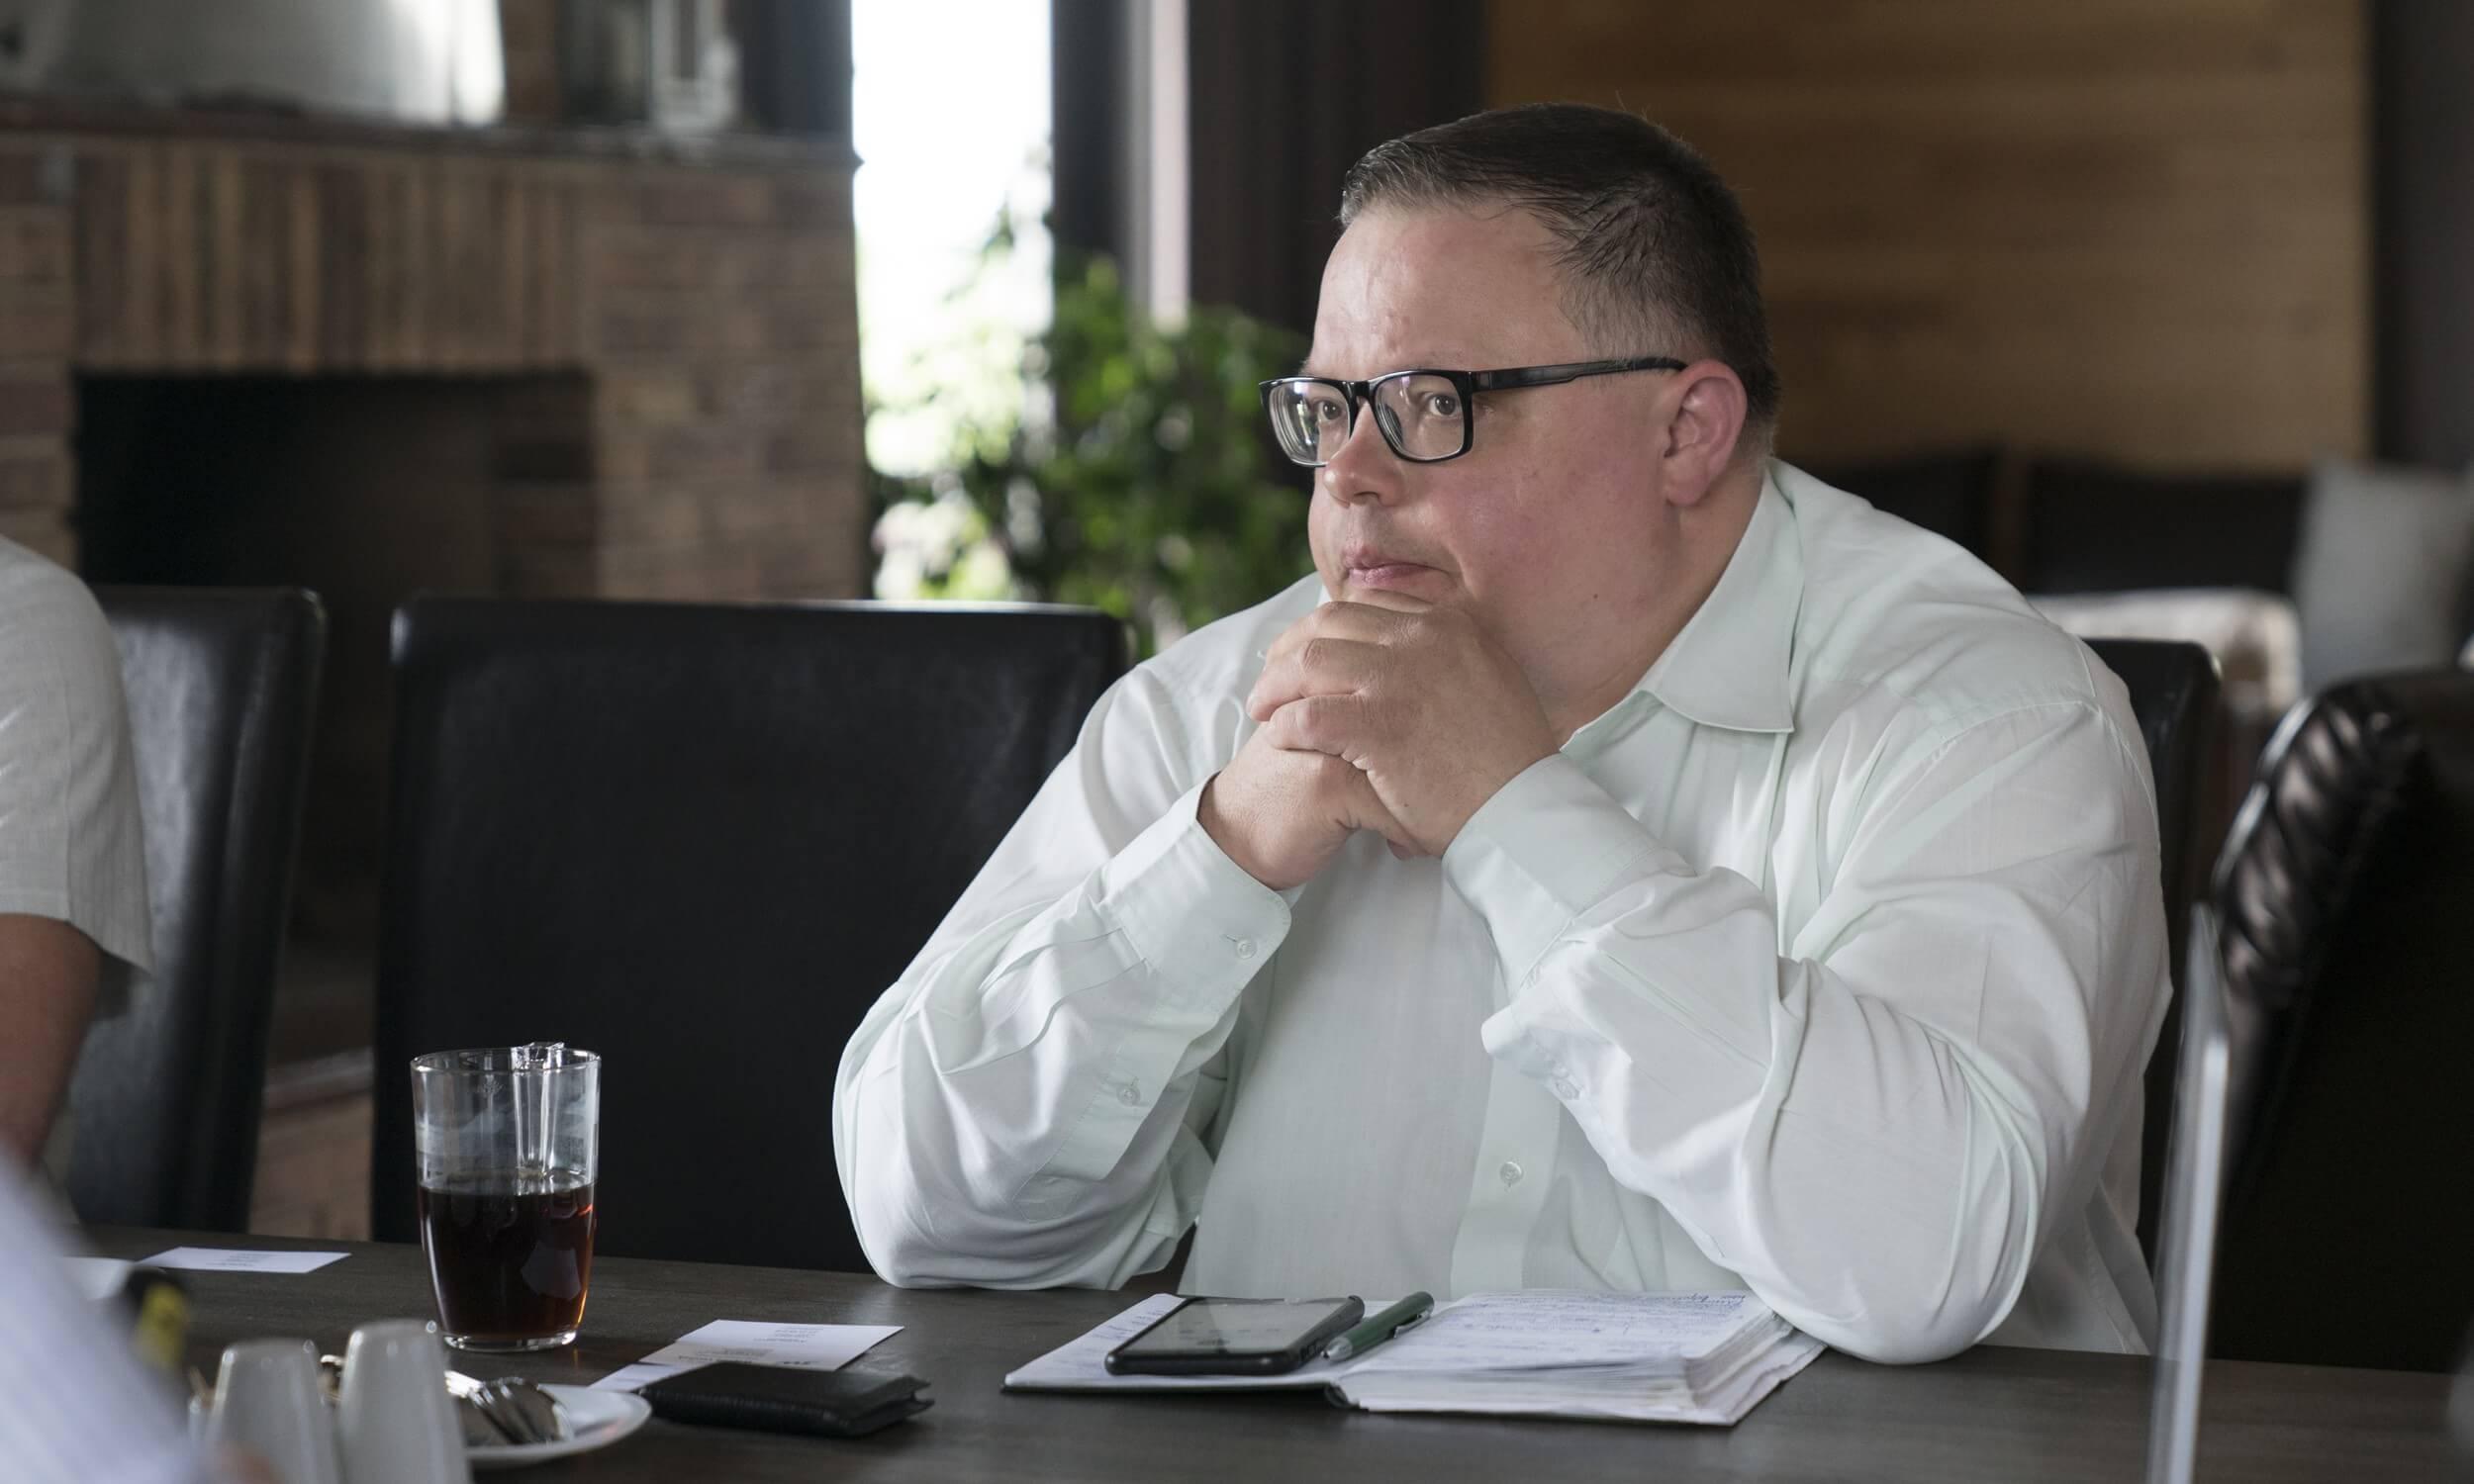 Вадим Пикалов, директор по продажам SSAB Europe, Россия и СНГ